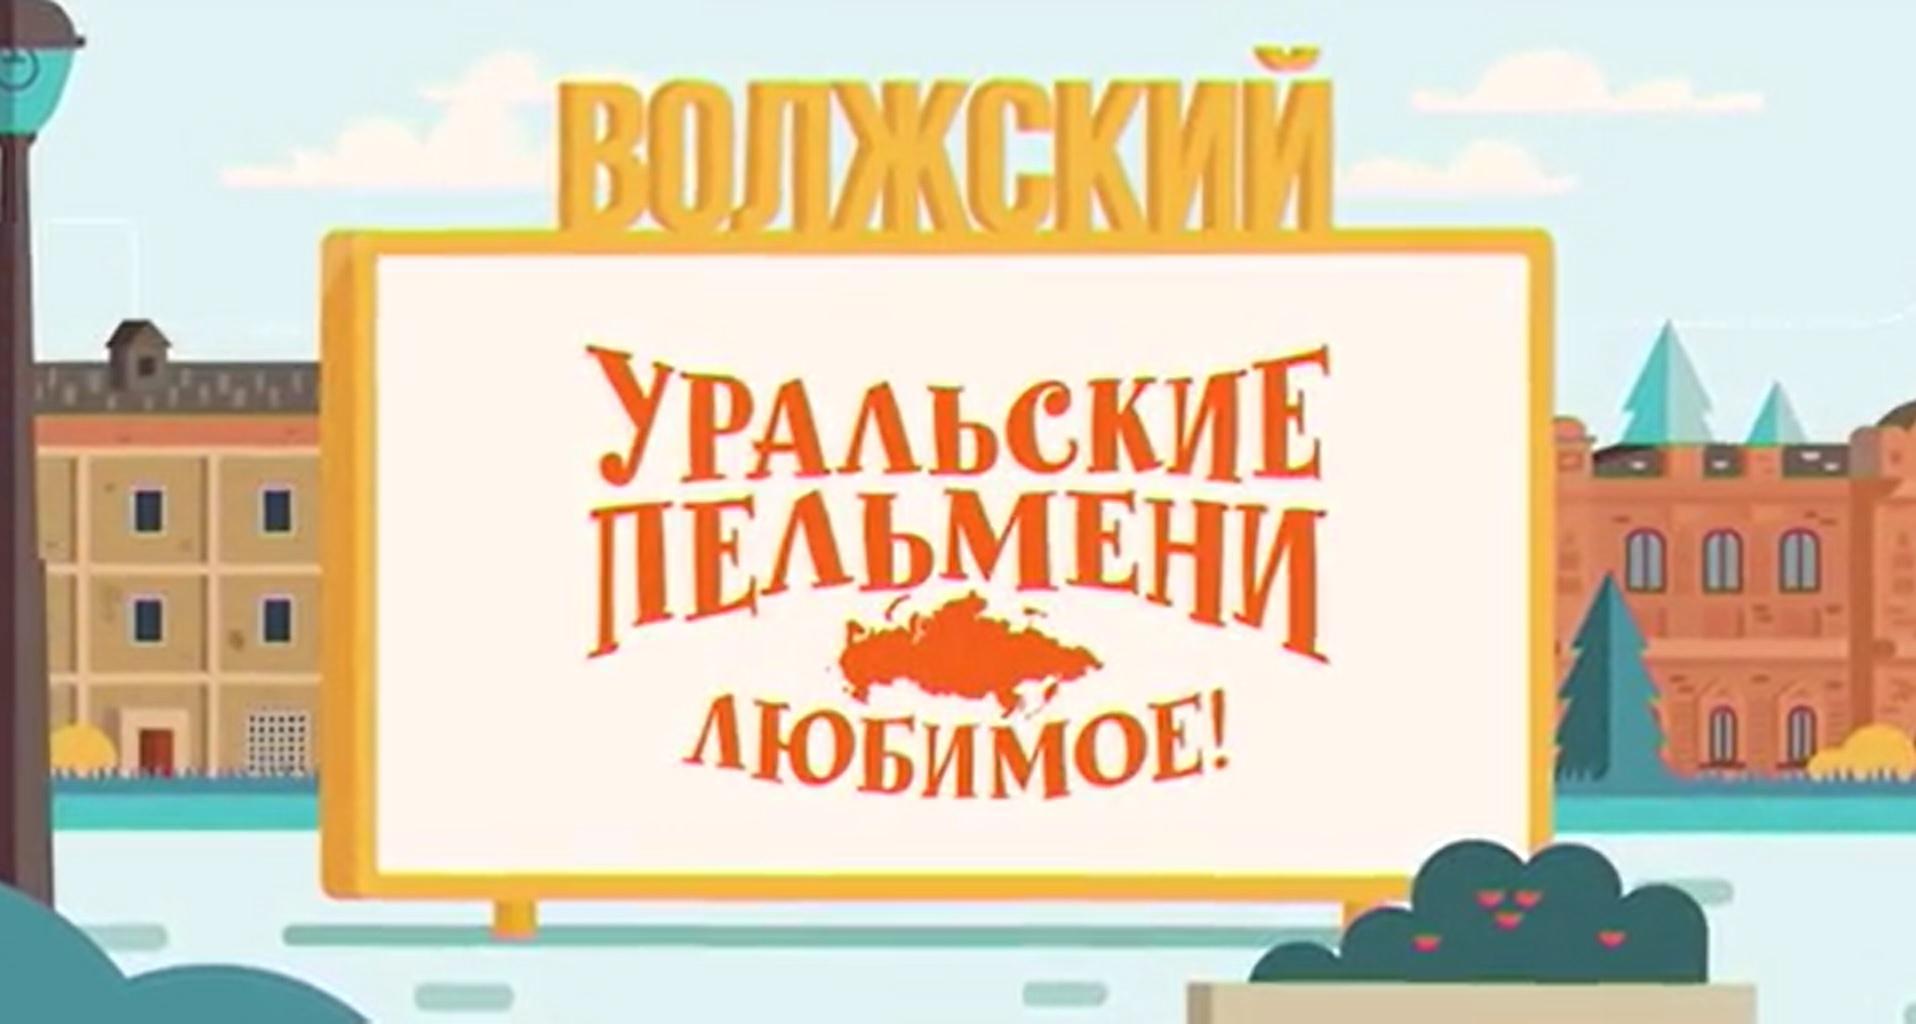 Творческий коллектив Уральские Пельмени Уральские пельмени. Любимое. Волжский уральские пельмени летнее